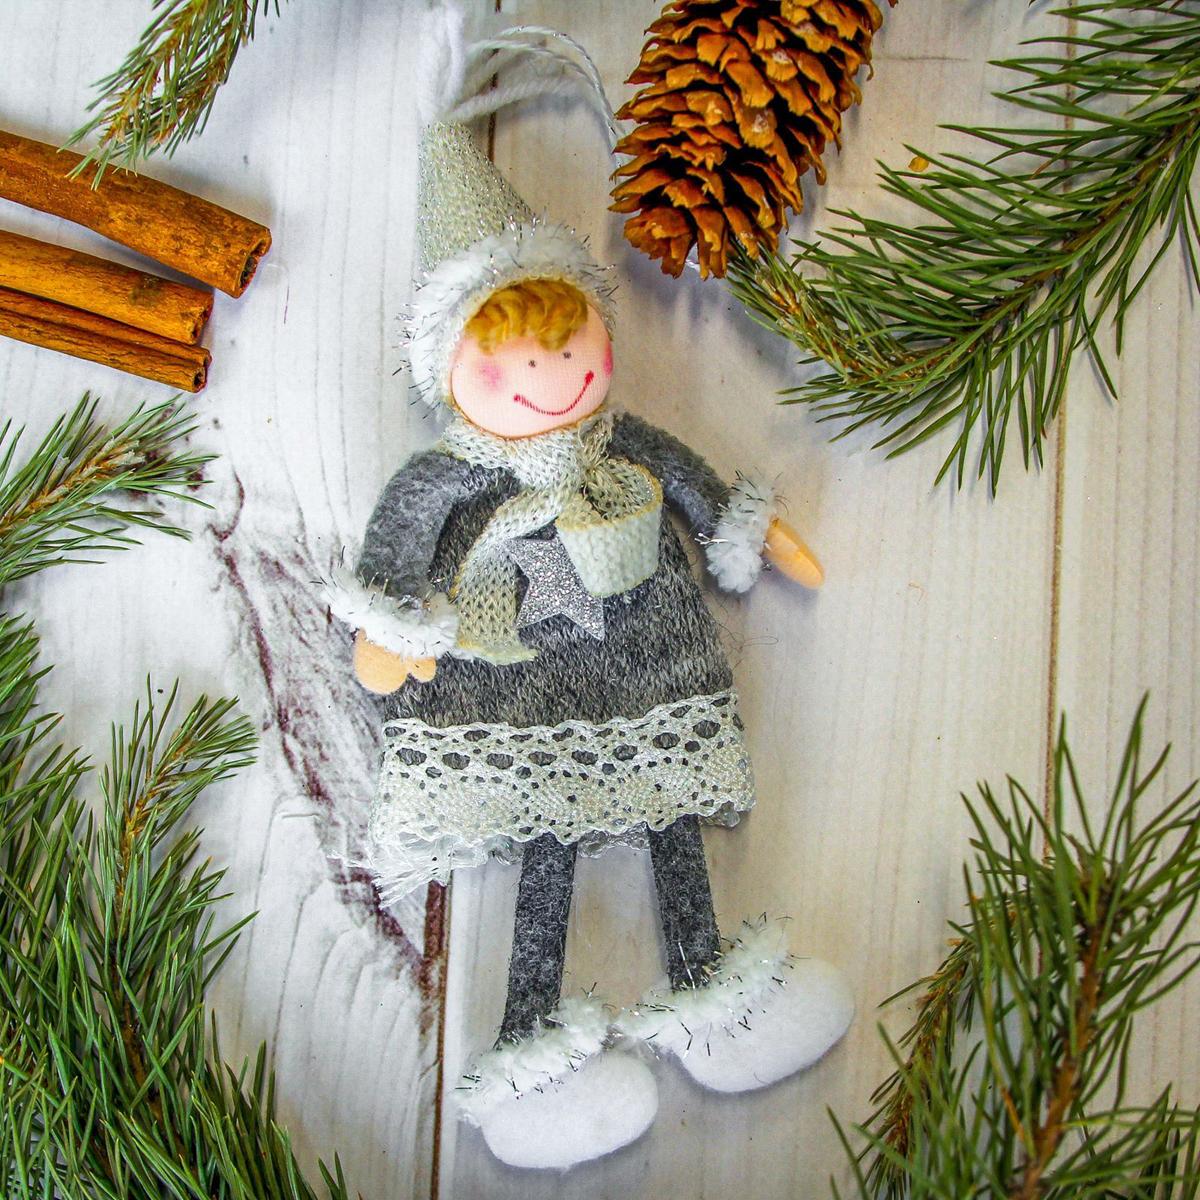 Украшение новогоднее подвесное Мальчик, 6 х 15 см2357054Новогоднее украшение ручной работы отлично подойдет для декорации вашего дома и новогодней ели. С помощью специальной петельки украшение можно повесить в любом понравившемся вам месте. Но, конечно, удачнее всего оно будет смотреться на праздничной елке.Елочная игрушка - символ Нового года. Она несет в себе волшебство и красоту праздника. Такое украшение создаст в вашем доме атмосферу праздника, веселья и радости.